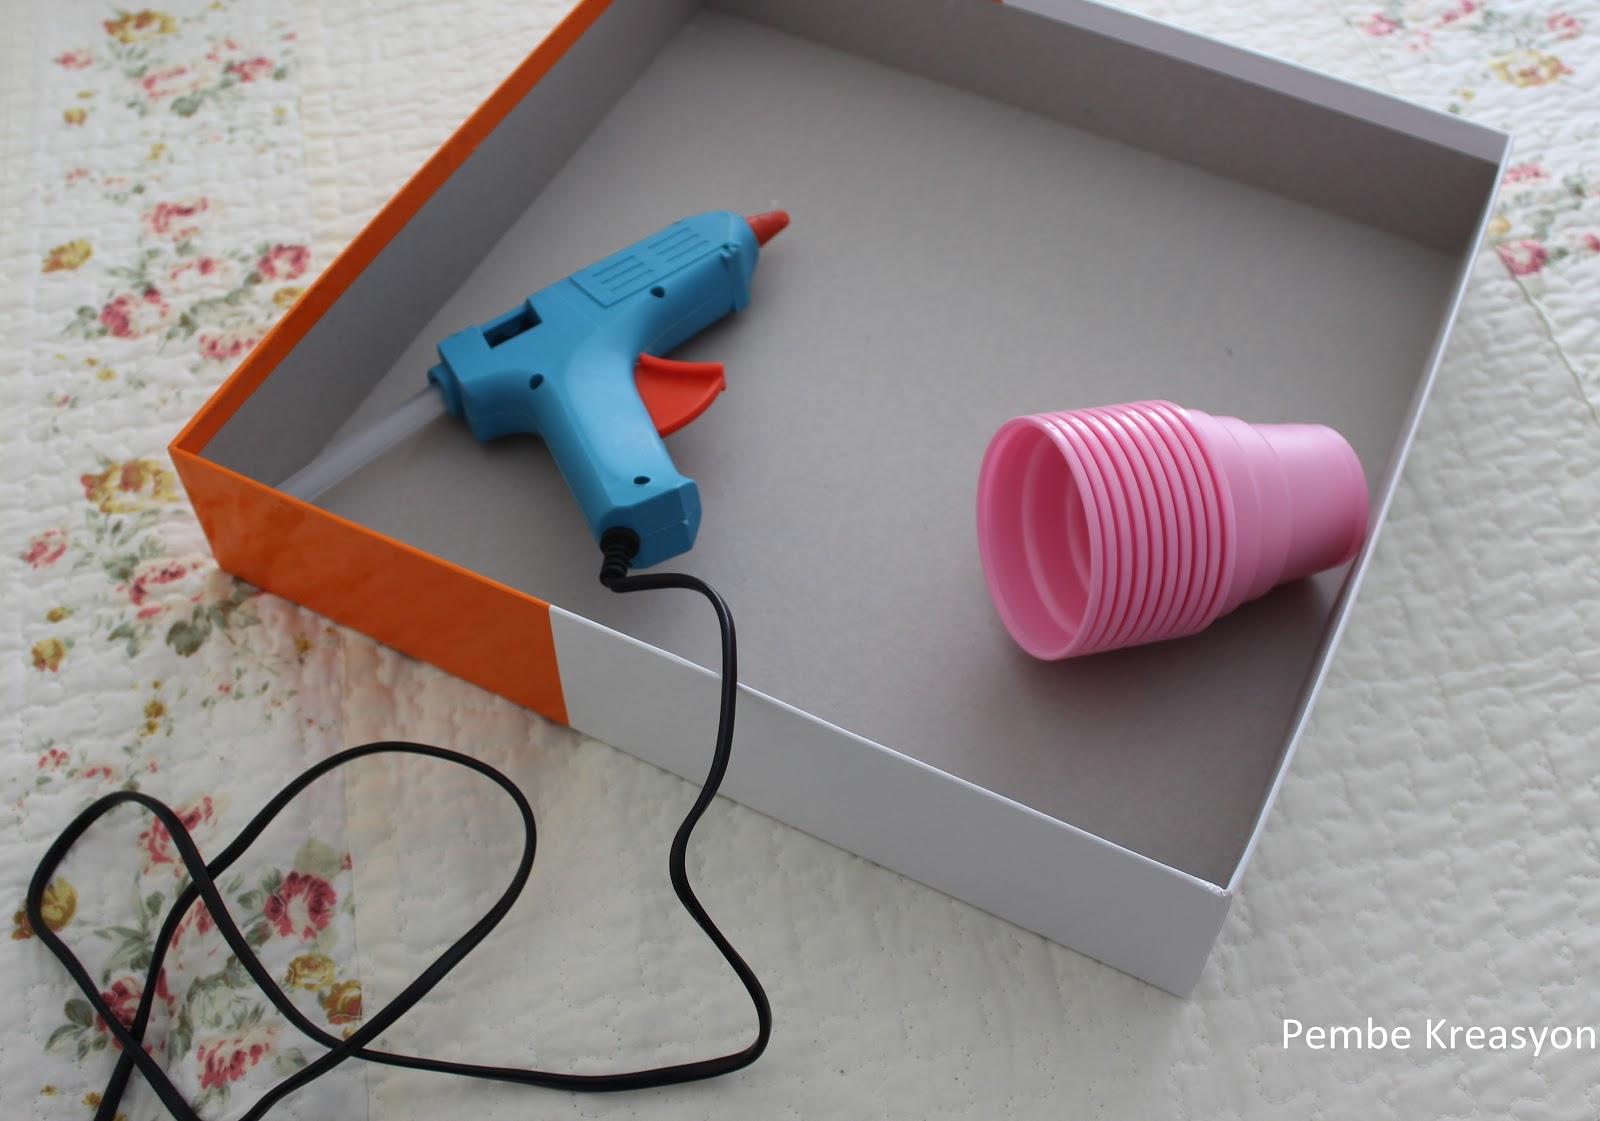 düzenleyici nasıl yapılır, make do it, kutu kaplama nasıl yapılır, ucuz düzenleme fikirleri